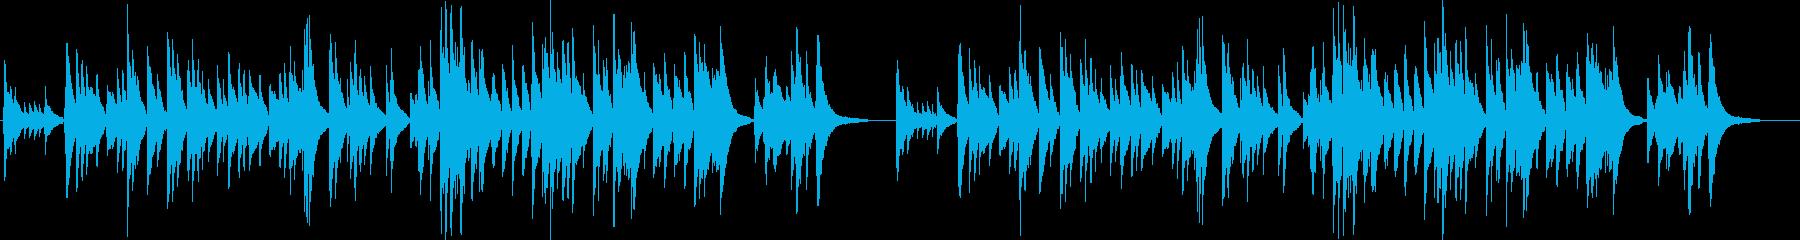 プライスレスなシーンのギター曲 B32の再生済みの波形